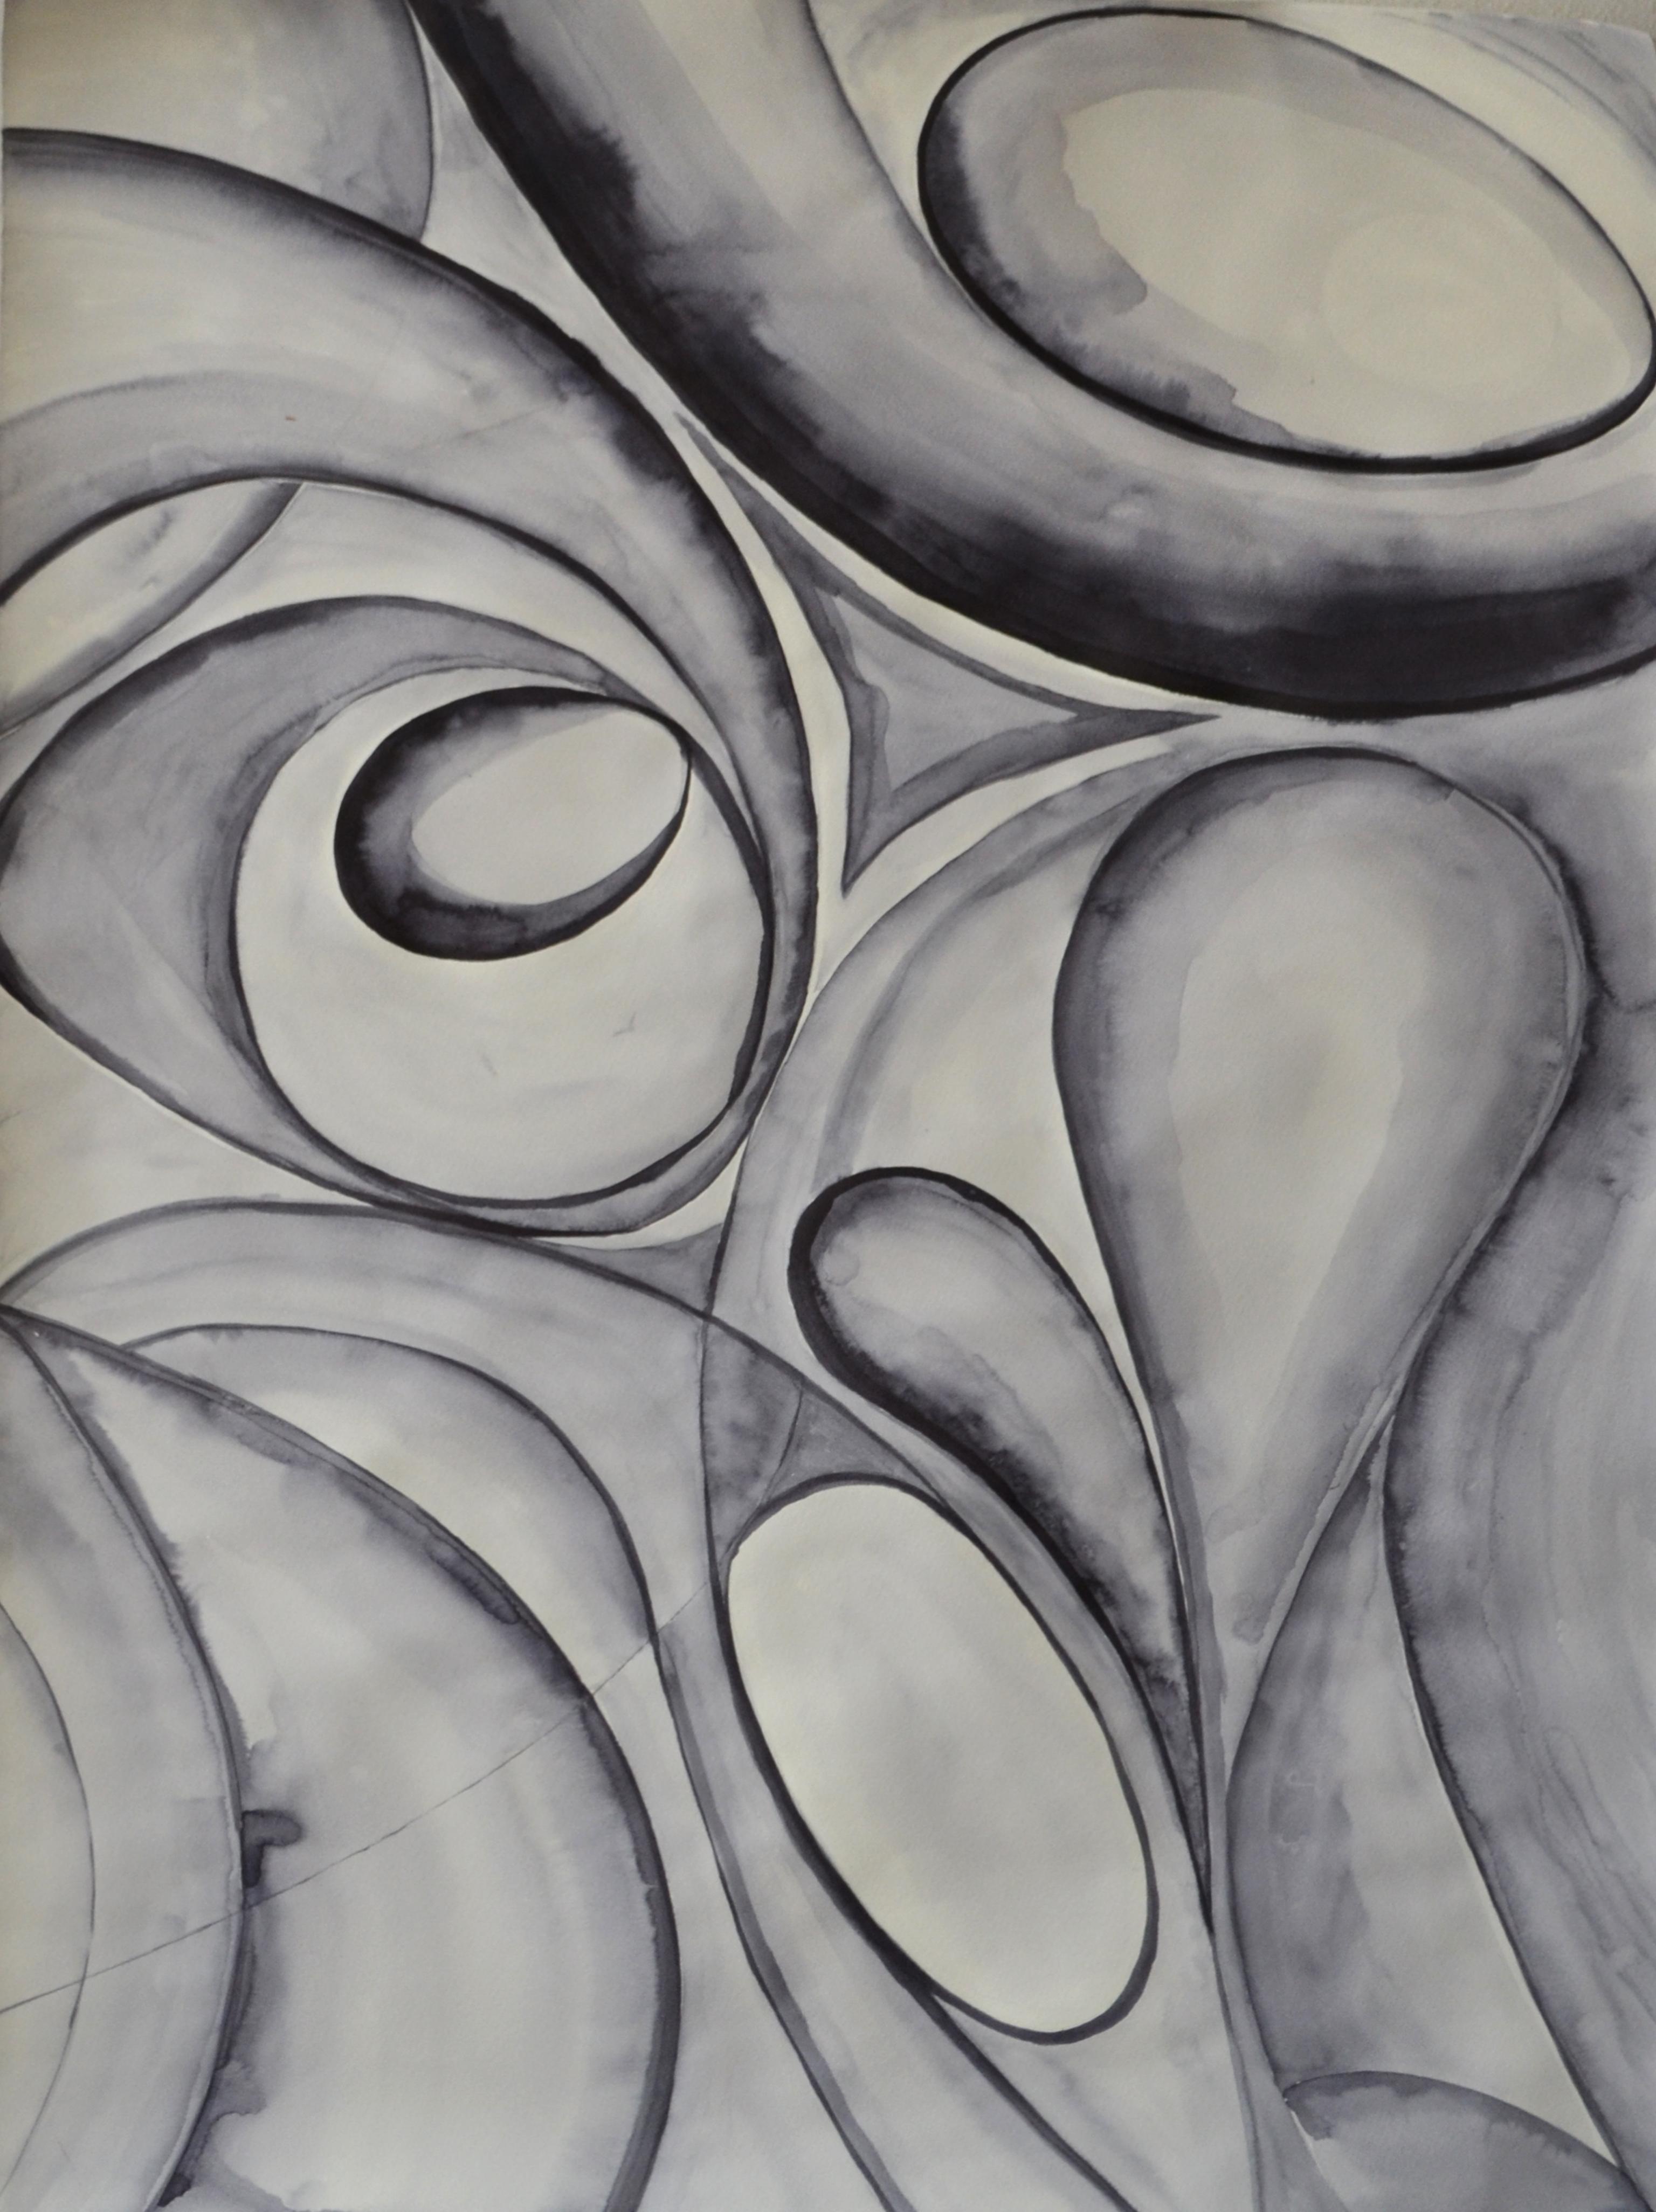 """Боряна Писарова, специалност """"Изобразително изкуство"""", Абстрактна композиция II, 2019 / Boryana Pisarova, degree programme """"Fine Arts"""", Abstract Composition, II, 2019"""